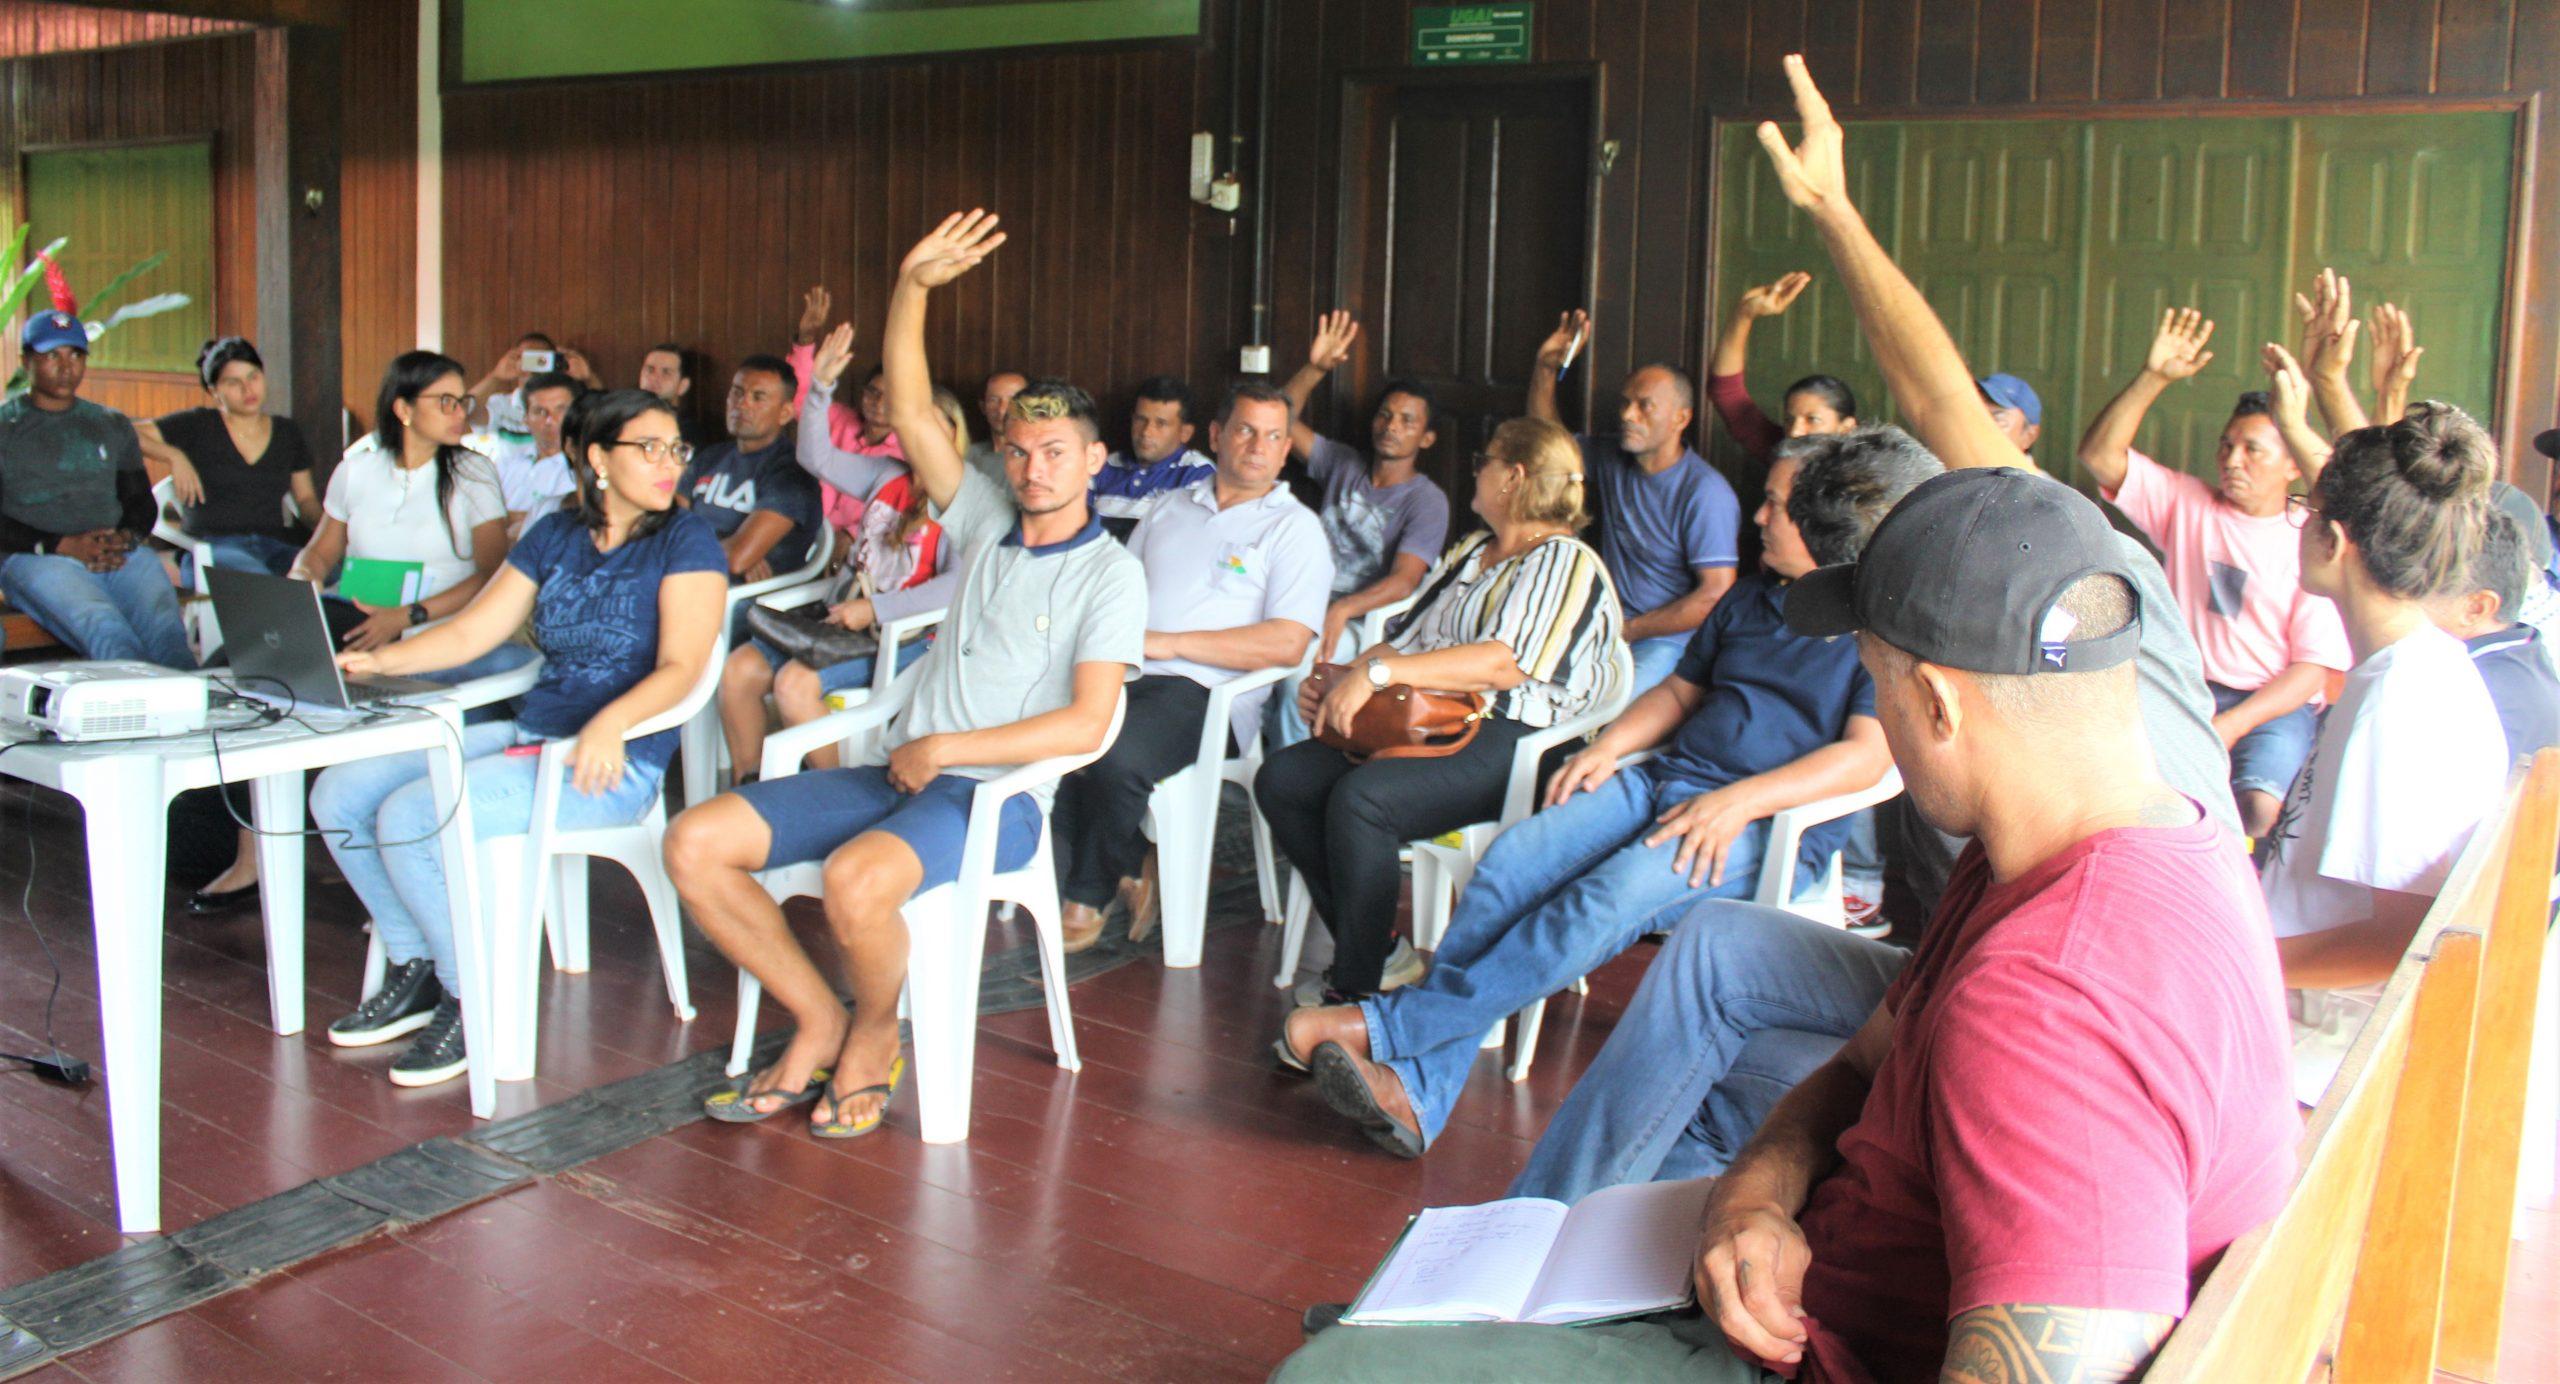 Meio Ambiente dá posse a conselho e realiza trabalho integrado no Complexo de Florestas do Rio Gregório